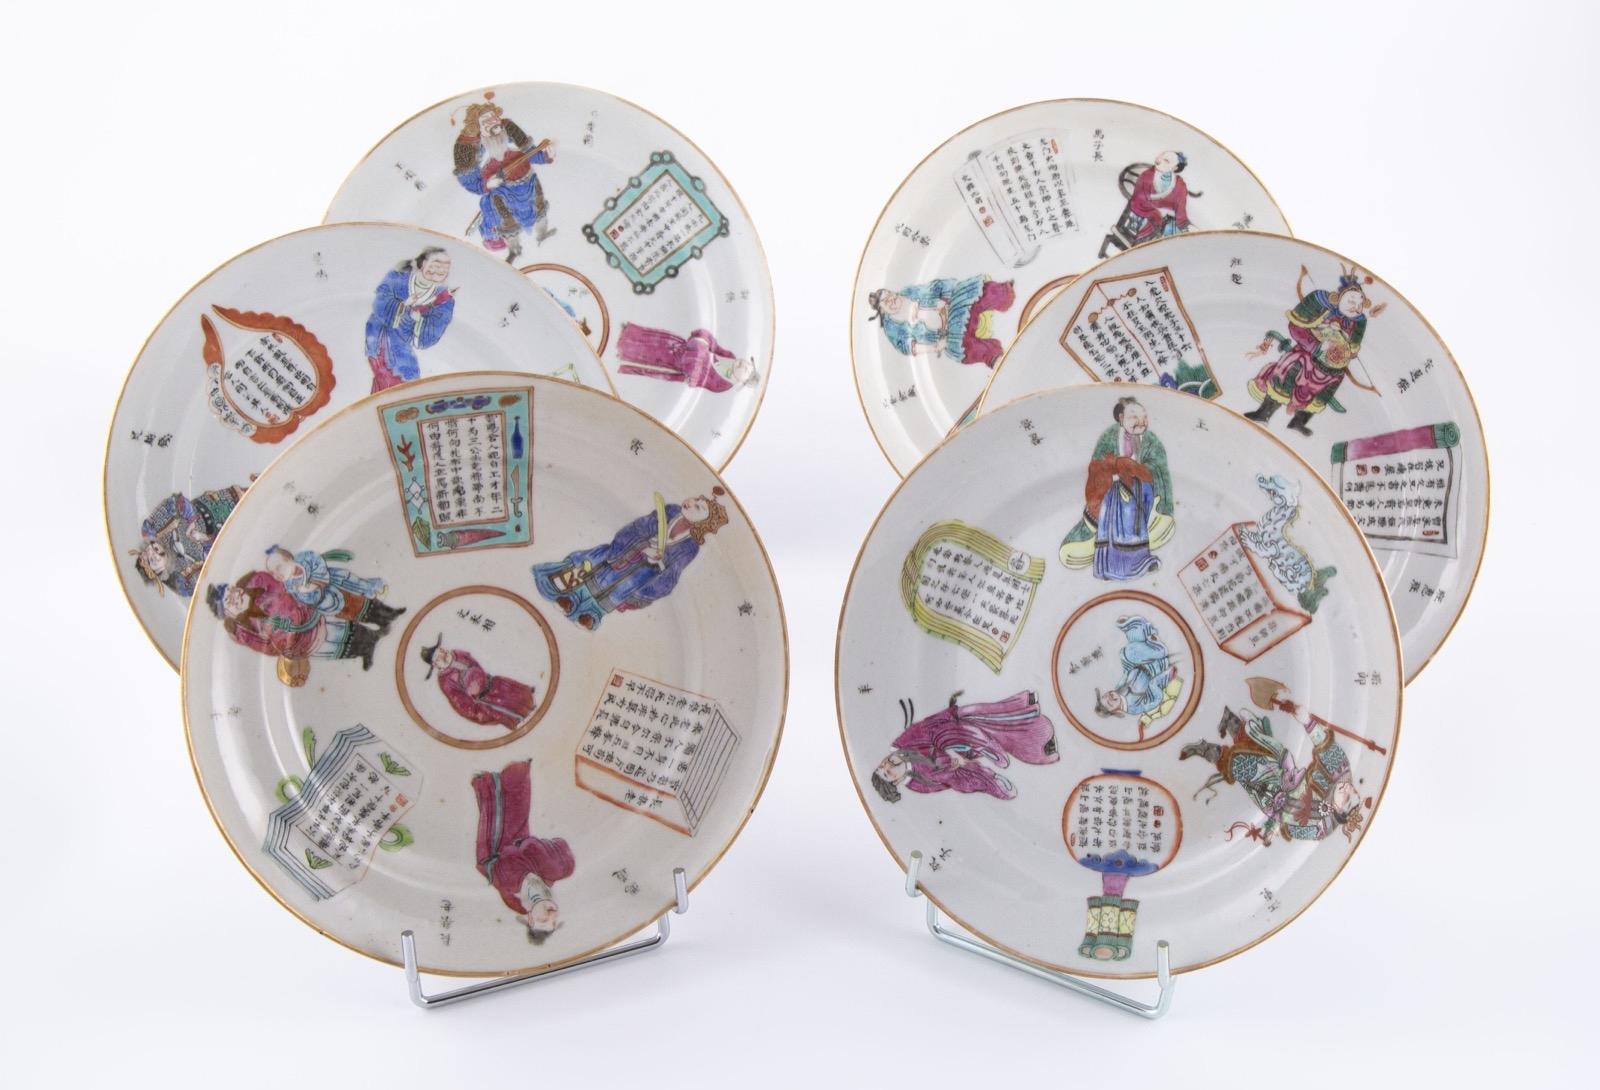 33- Chine XIXème siècle. Suite de 6 assiettes en porcelaine à décor émaillé. Adjugé 2000€ 2